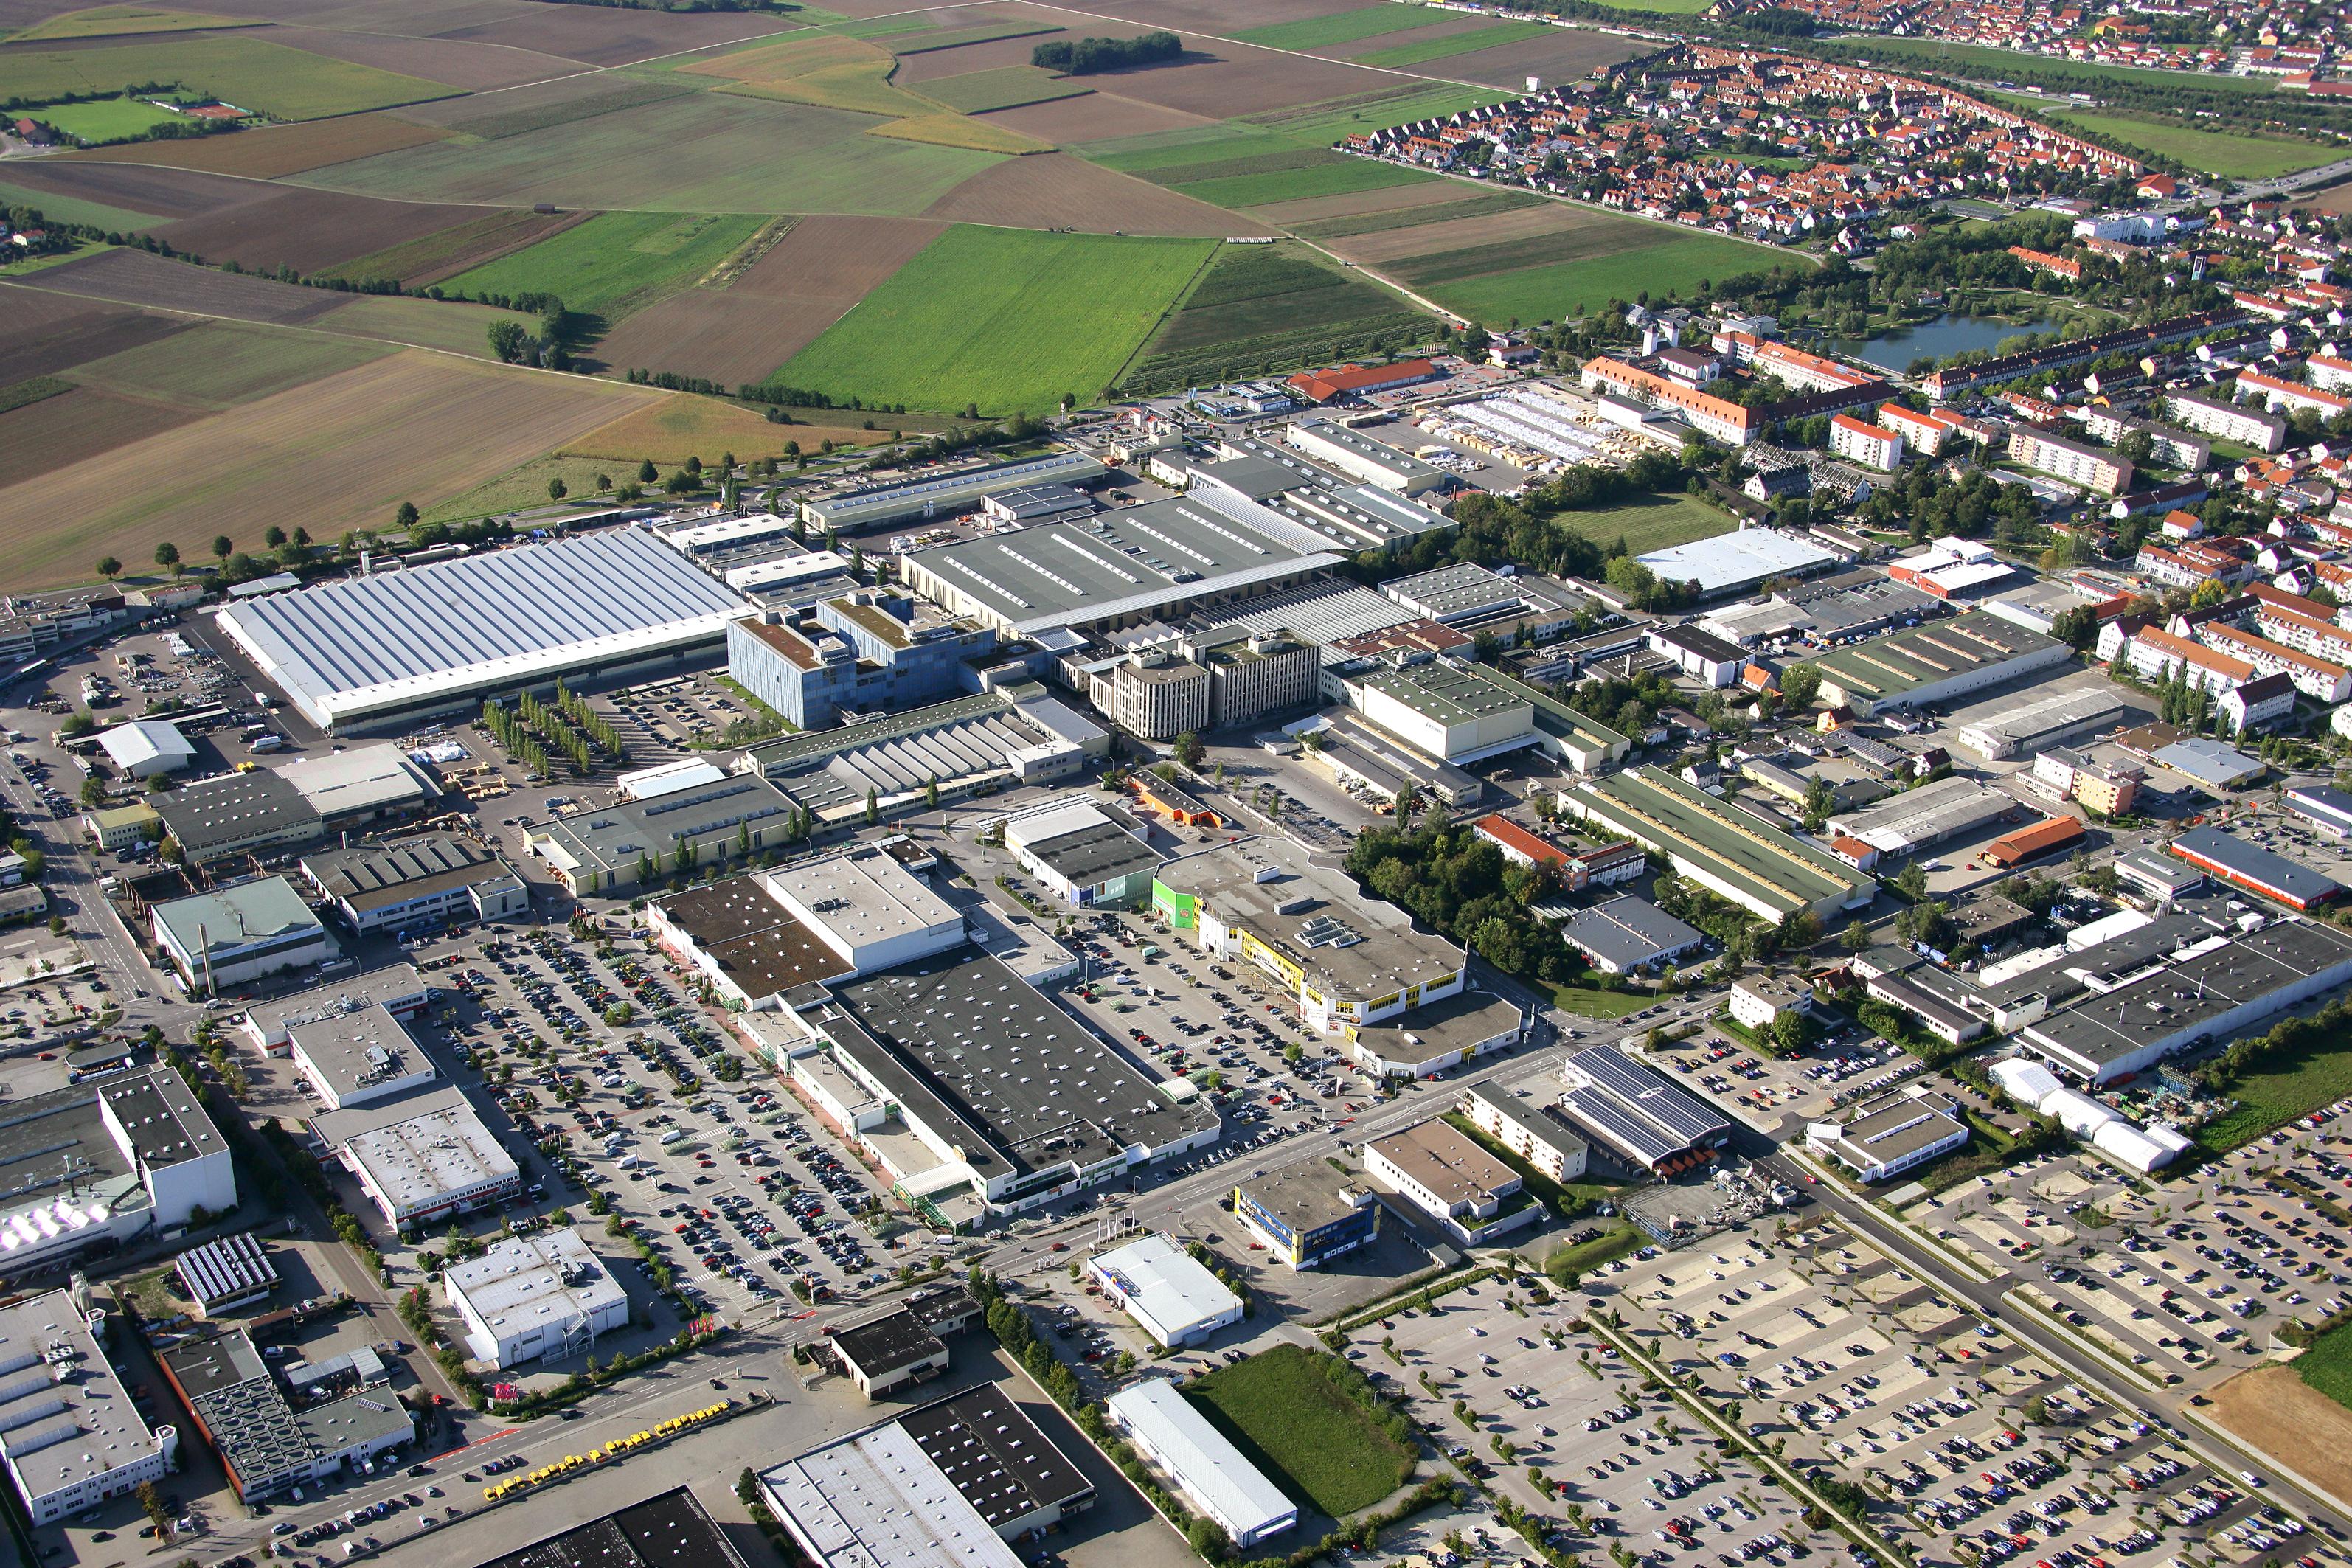 Neutraubling Germany  city photos gallery : Google und Bing finden folgende Bilder zu Krones